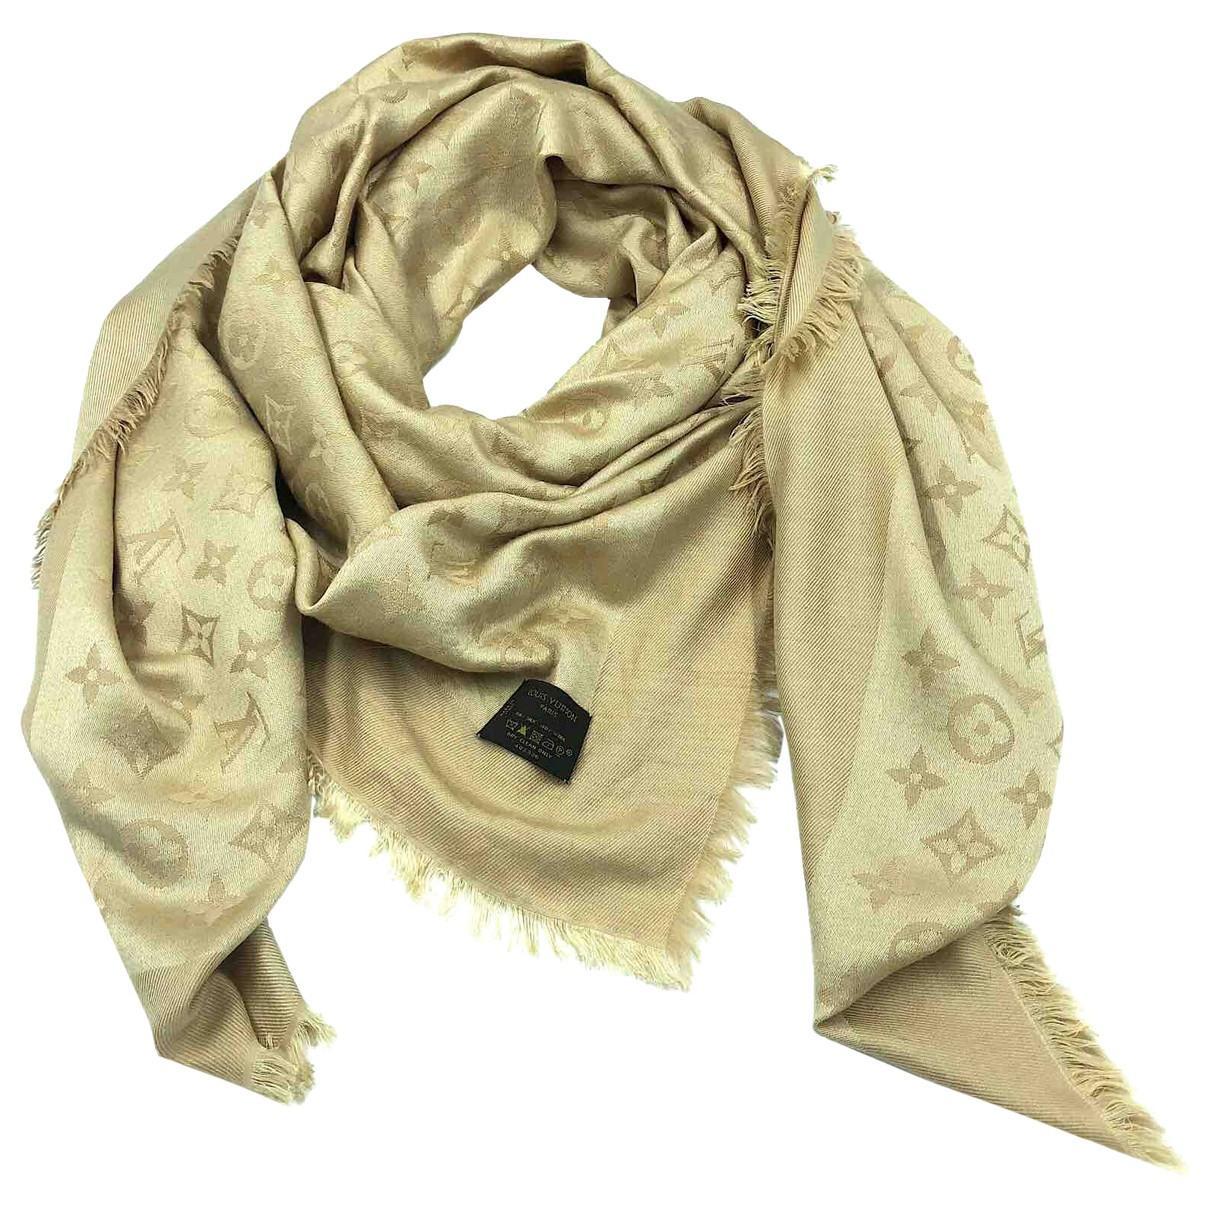 d188c1349c57 Lyst - Louis Vuitton Pre-owned Châle Monogram Shine Beige Wool ...